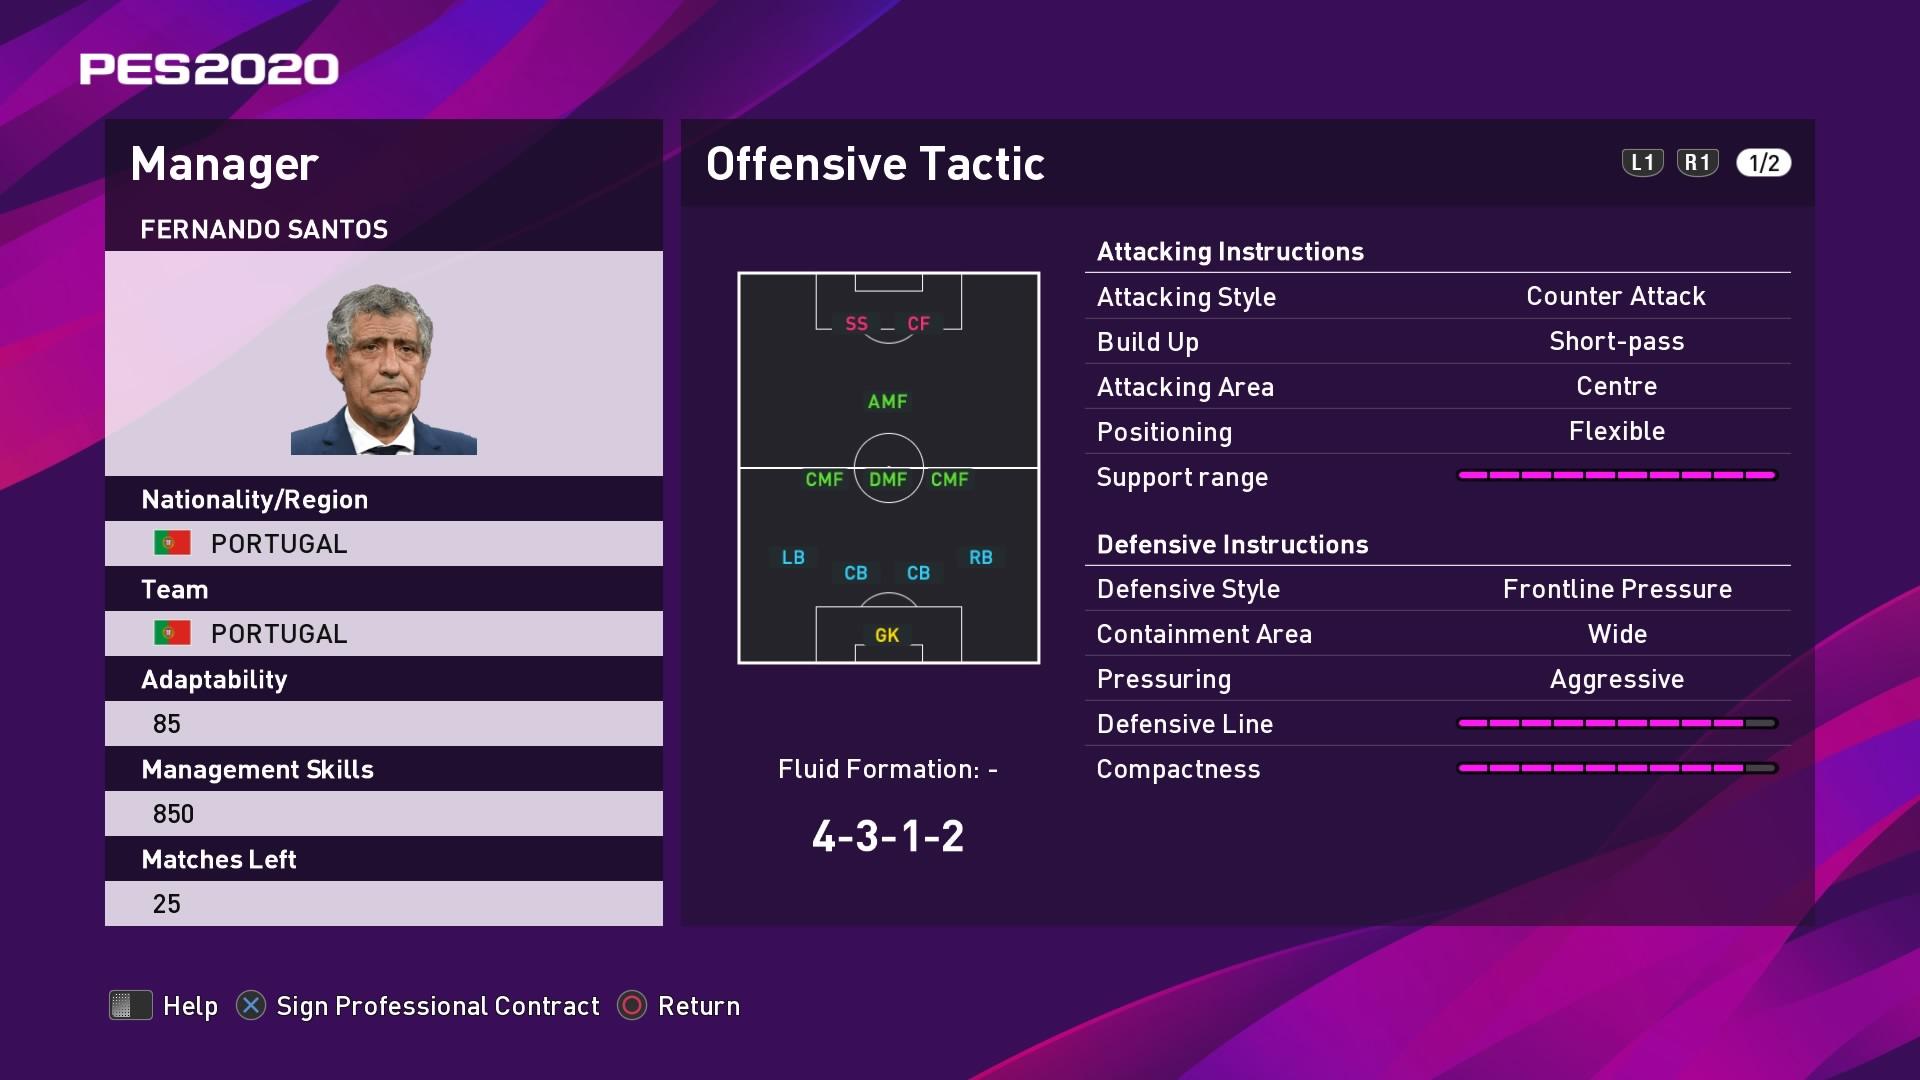 PES tactics